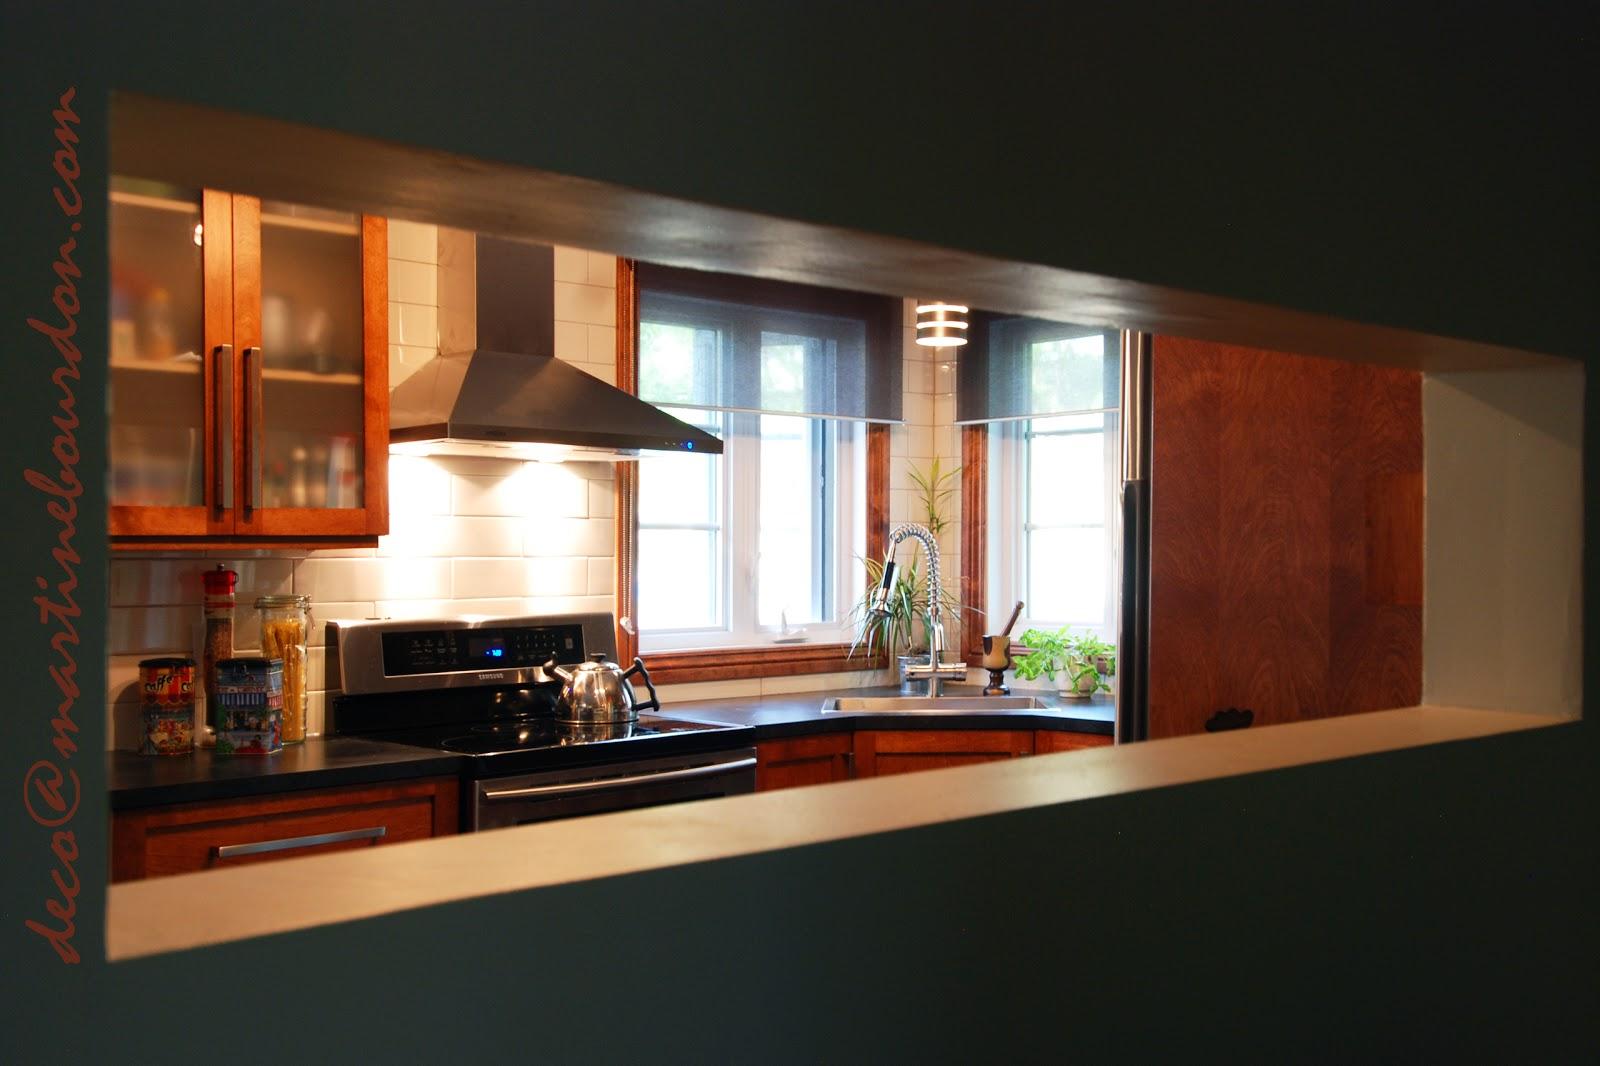 L 39 espace d co un passe plat une cuisine et sa petite for Passe plat mur porteur